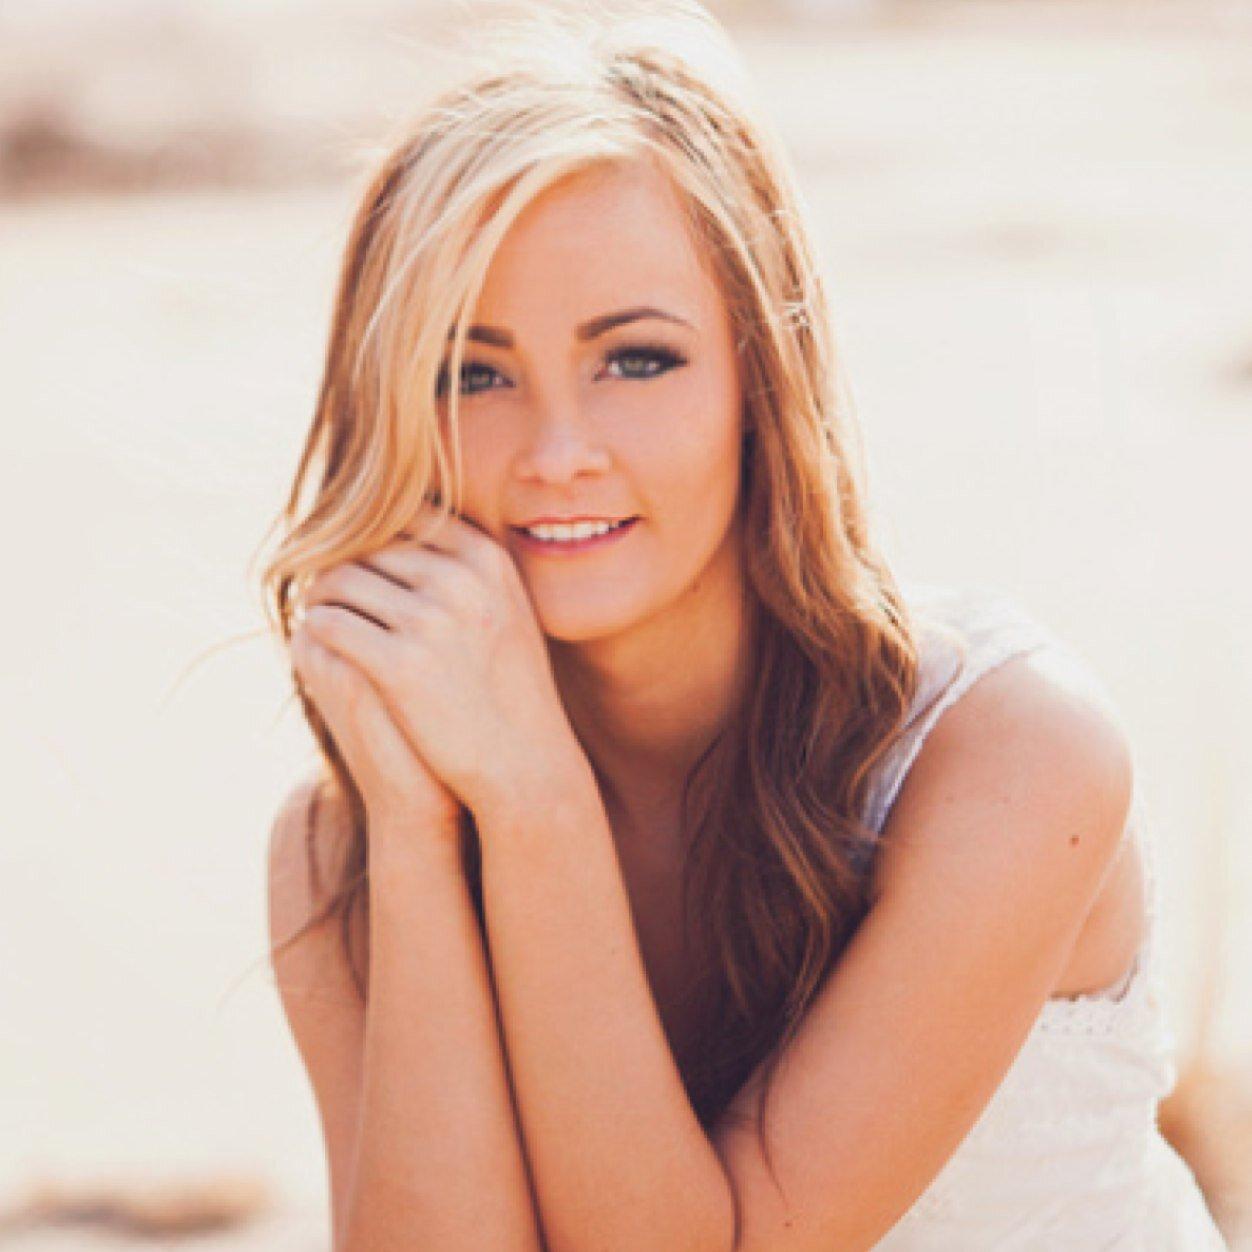 Ashley Benton